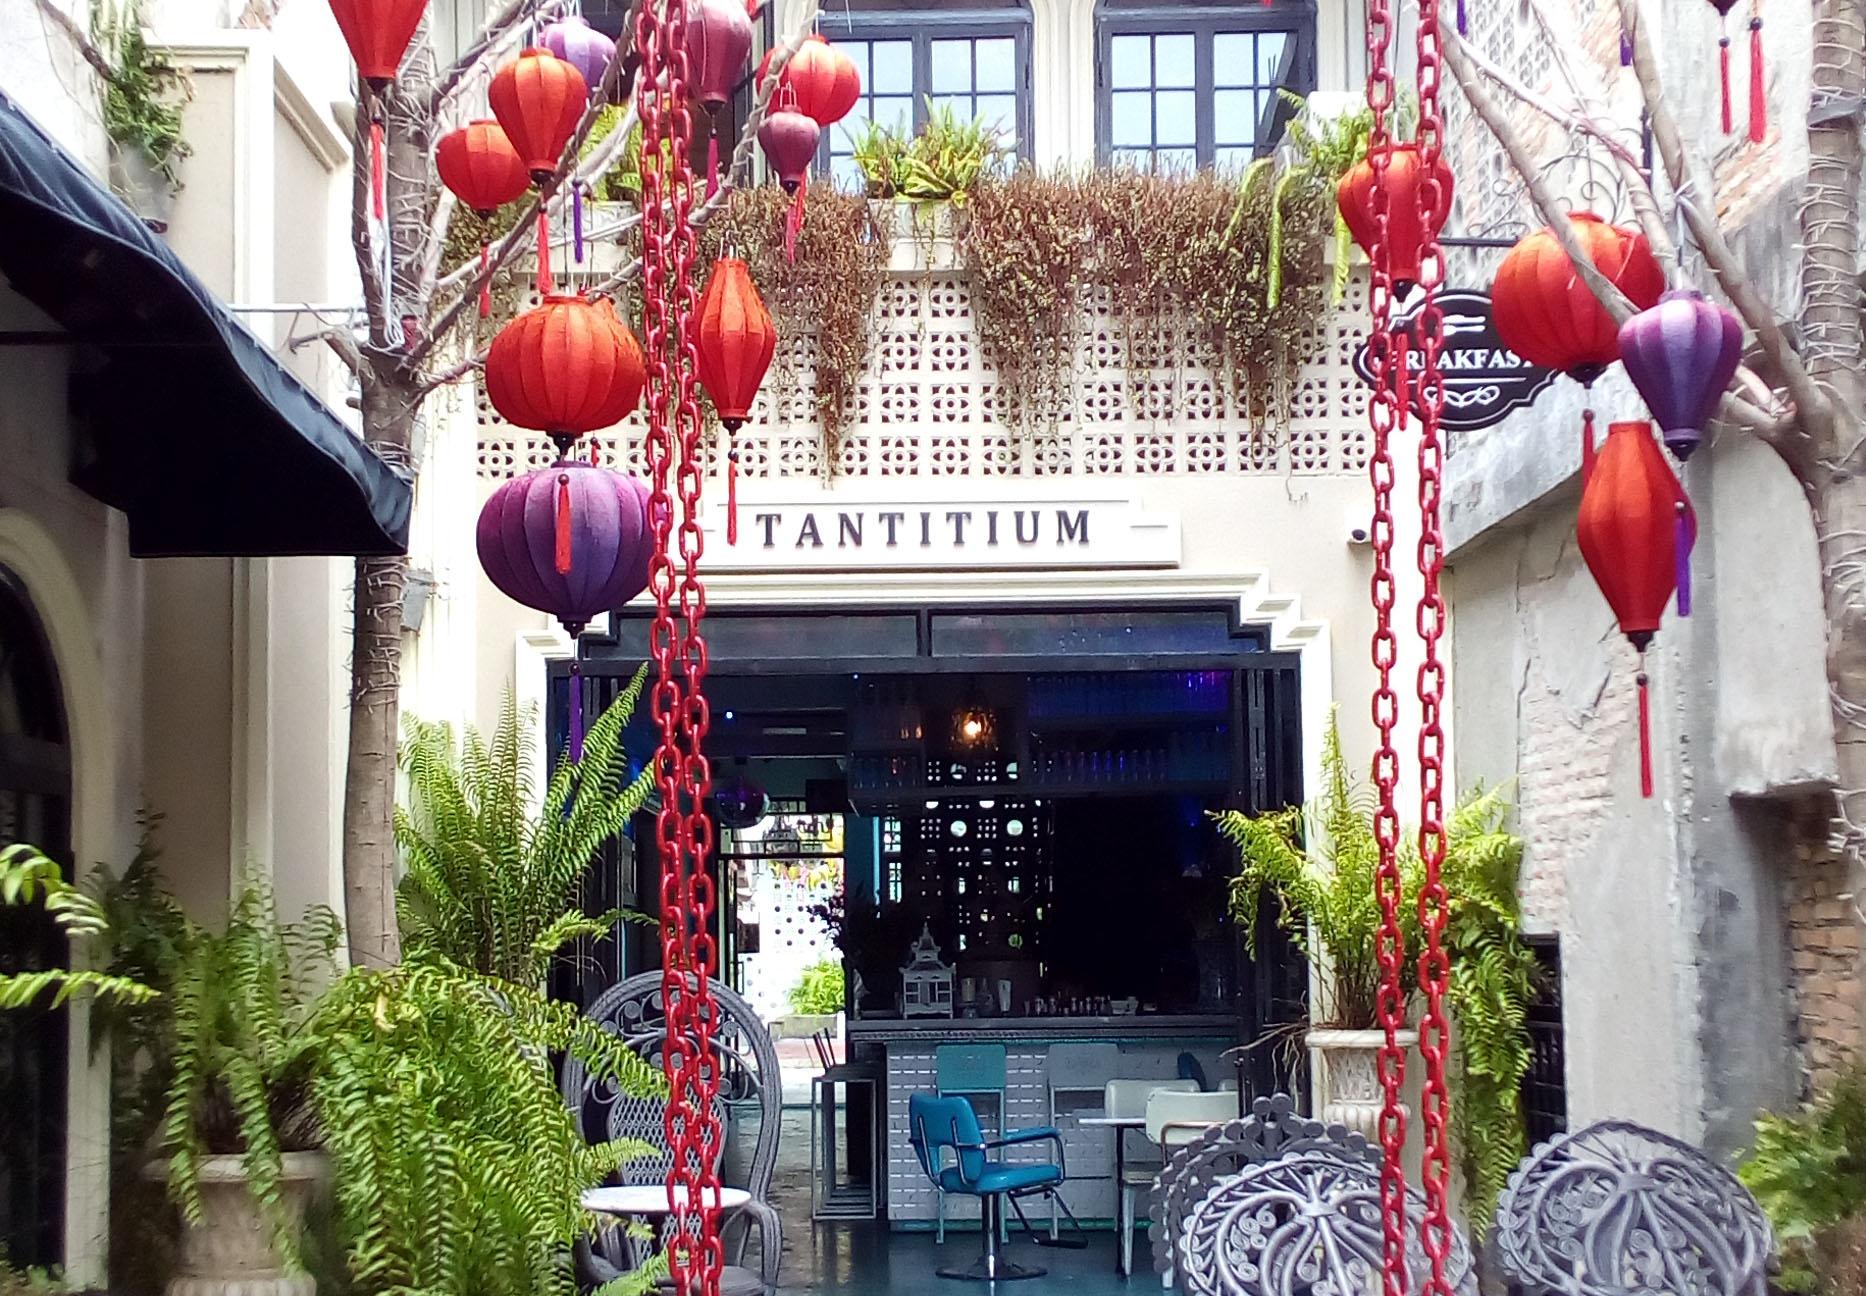 可愛いタウンのレストランでタイランチを/イメージ